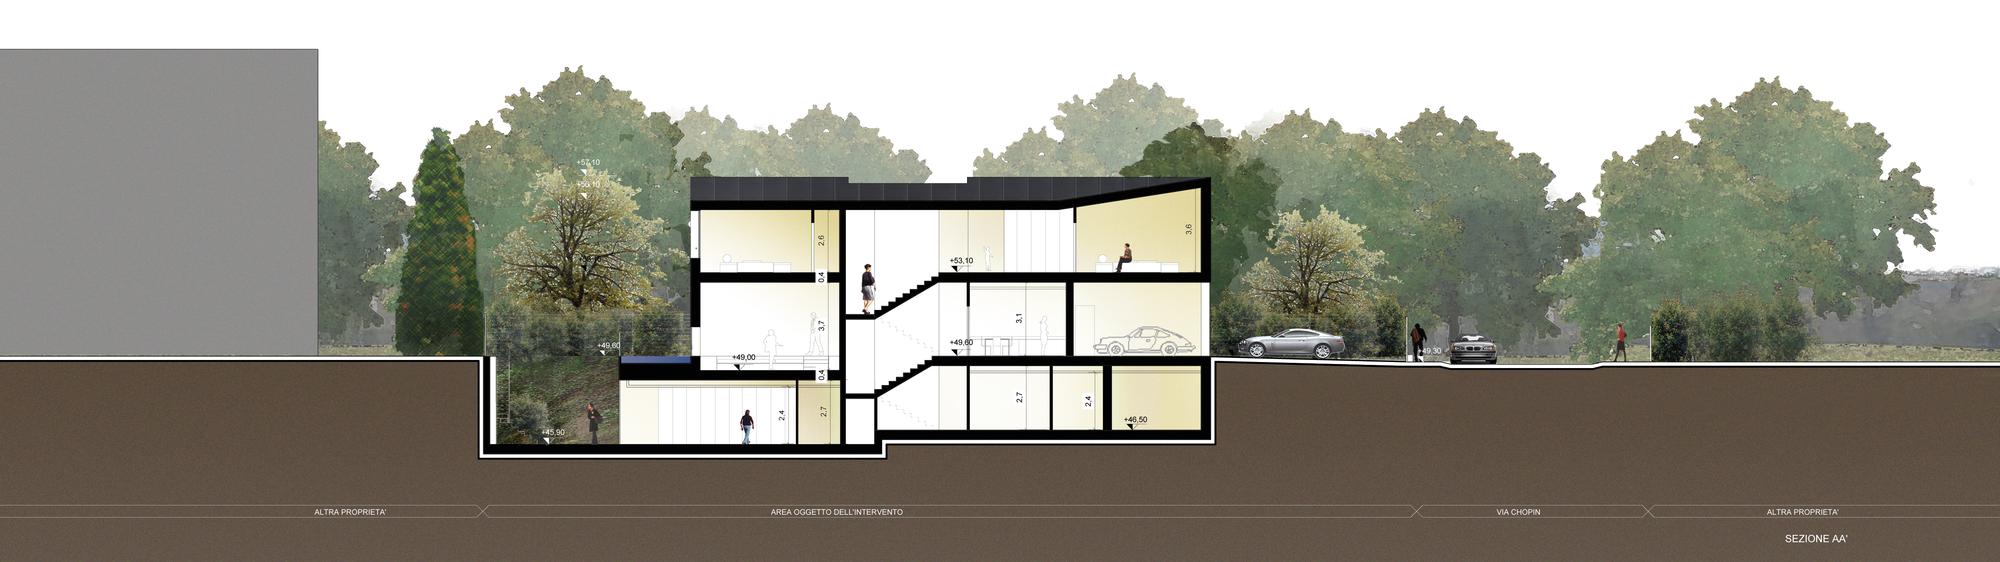 Gallery of casa di sassuolo enrico iascone architetti 22 for Case di architetti